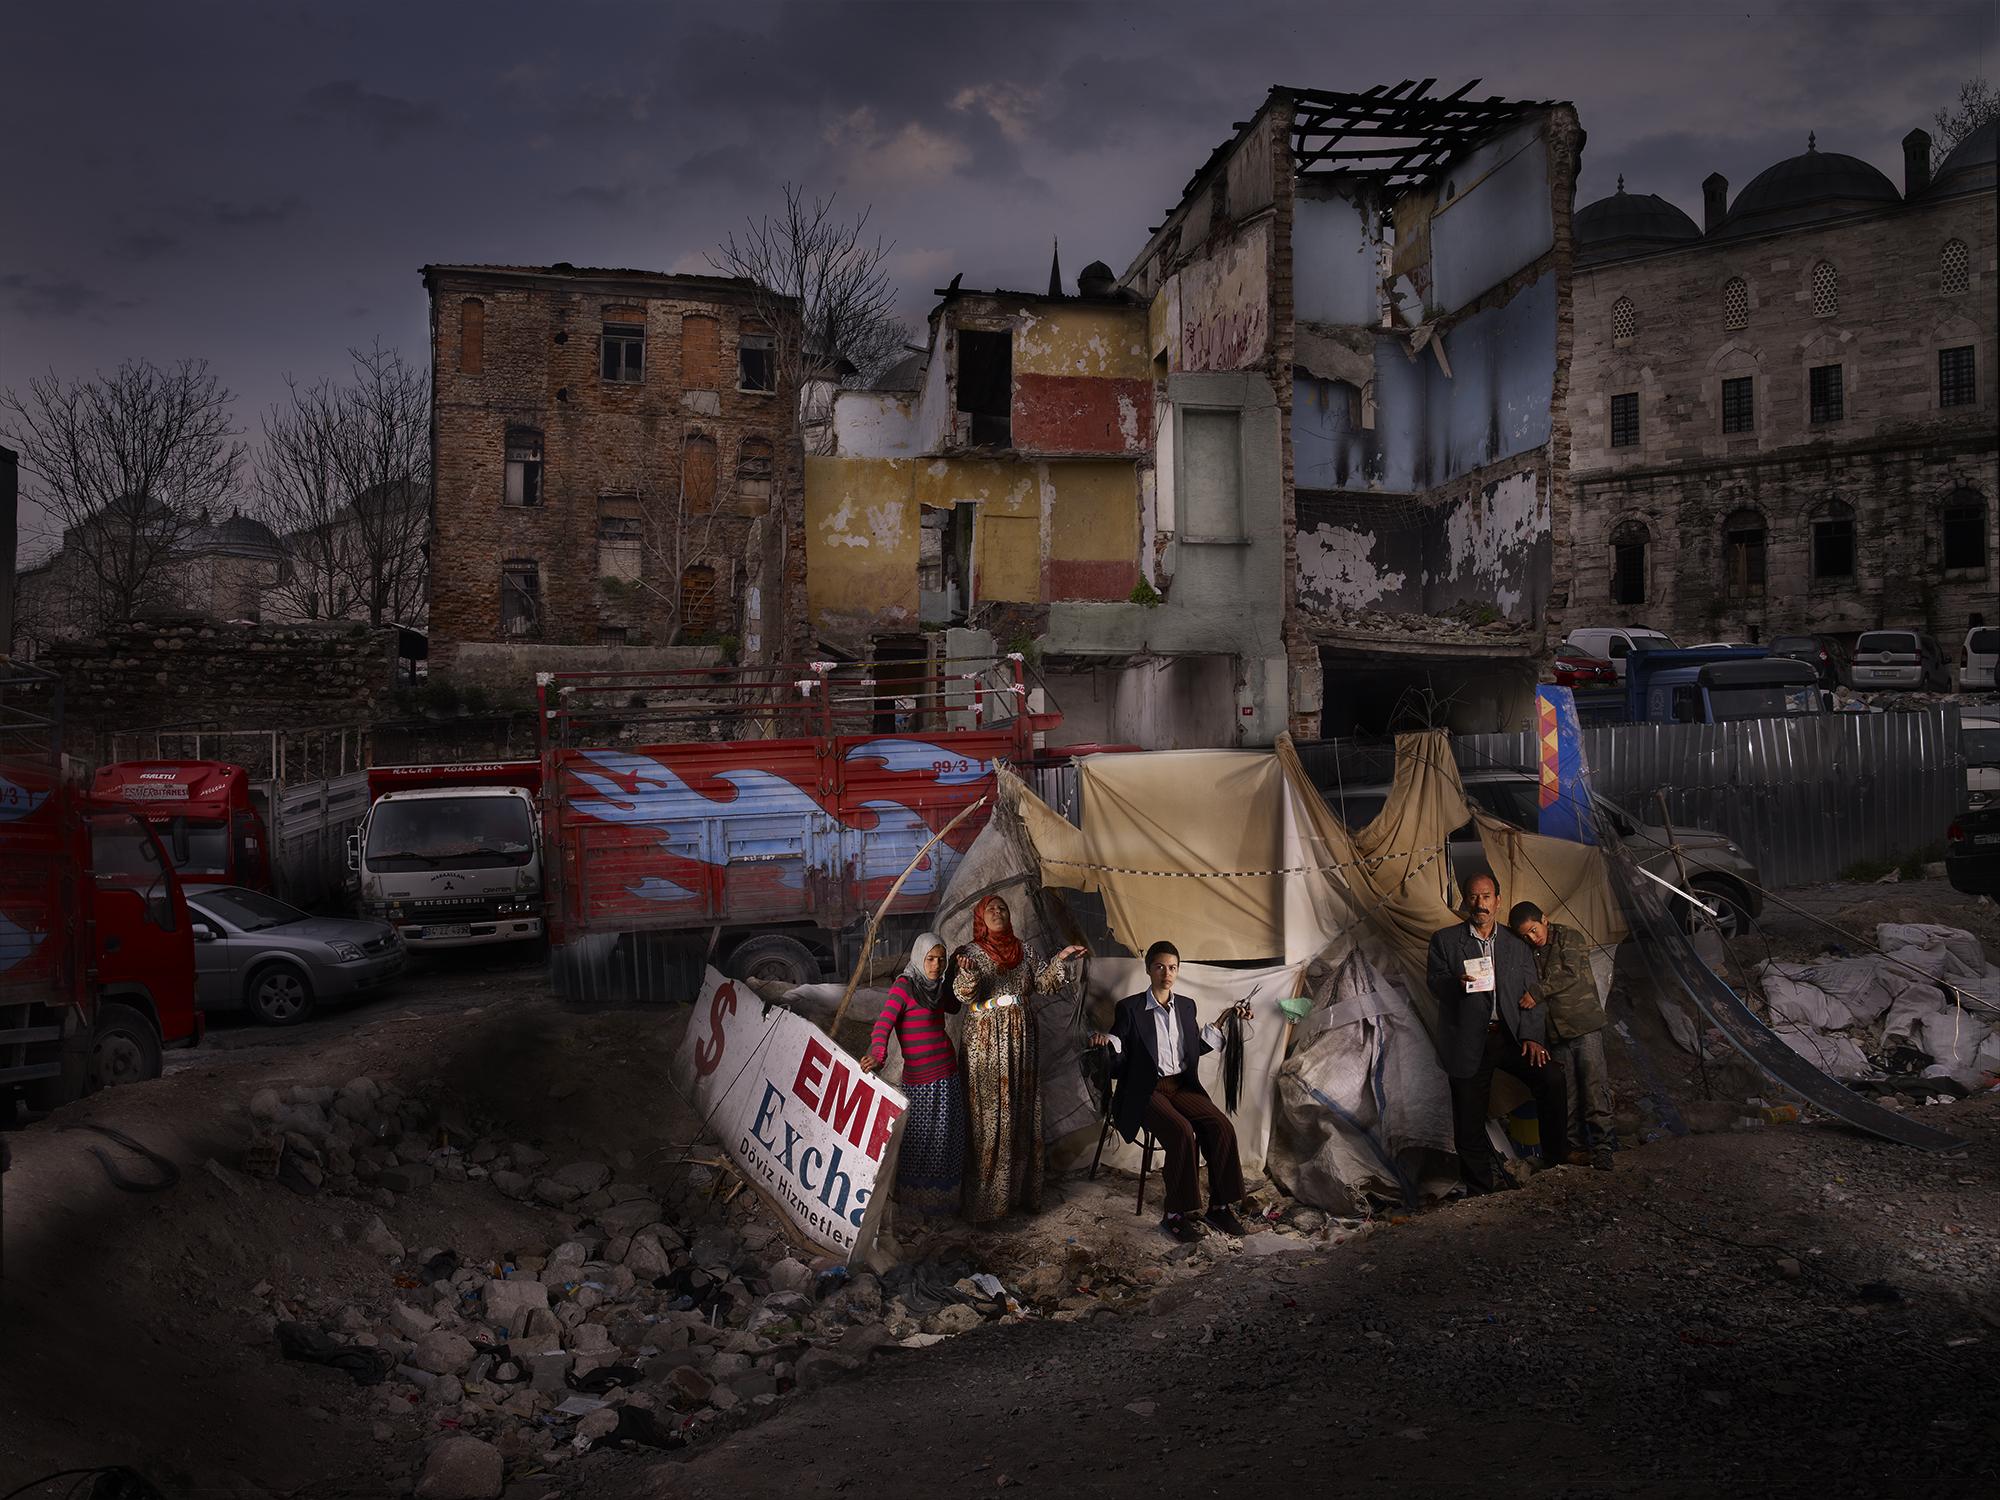 NicolasHenry_RefugiesSyriens_IstanbulTurquie.jpg